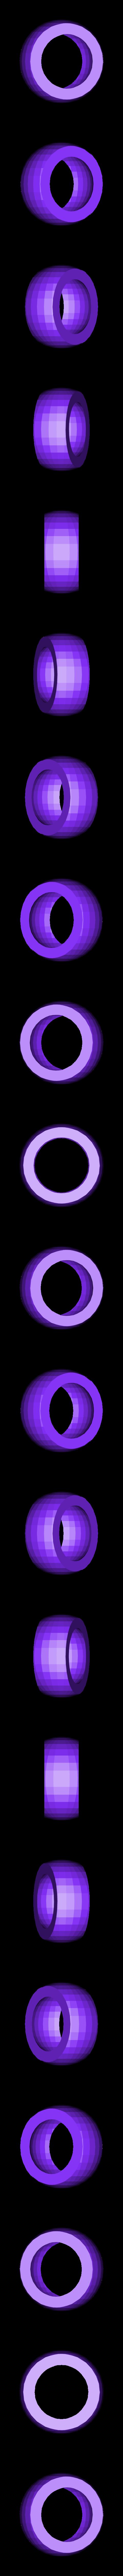 Rings_3.stl Télécharger fichier STL gratuit Anneau tournant multicolore jouet • Plan pour imprimante 3D, MosaicManufacturing